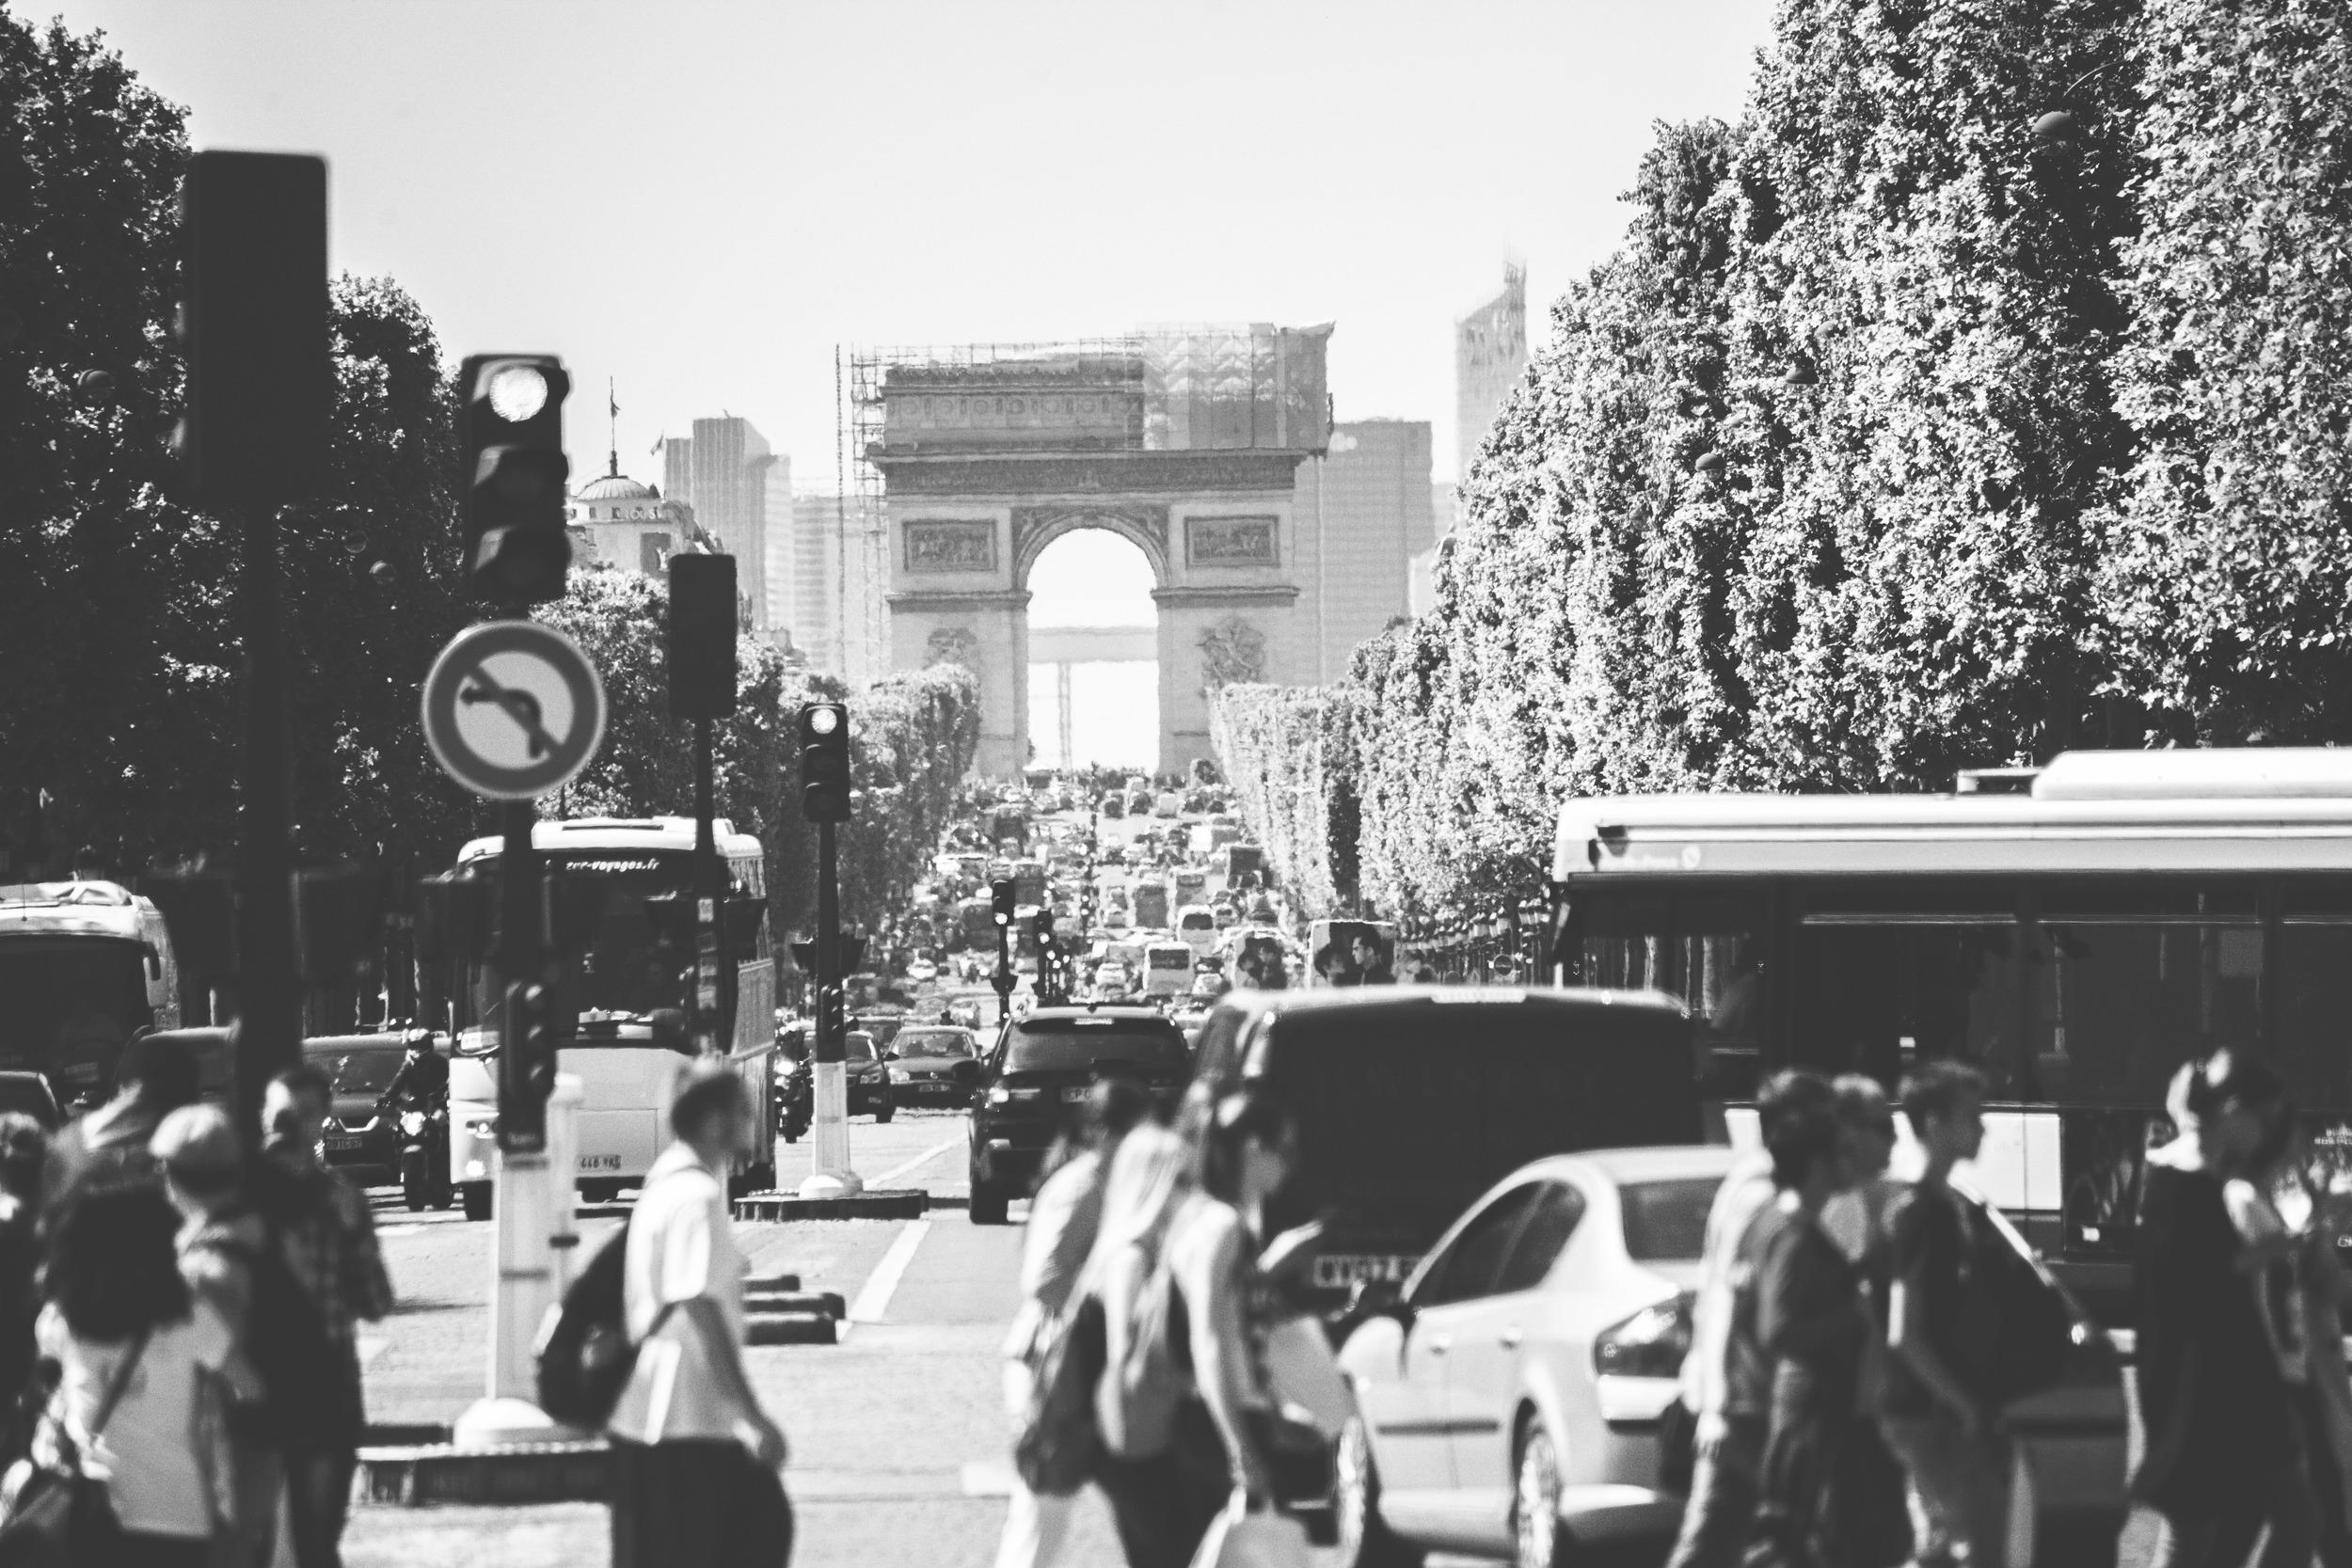 Paris, France May 2014